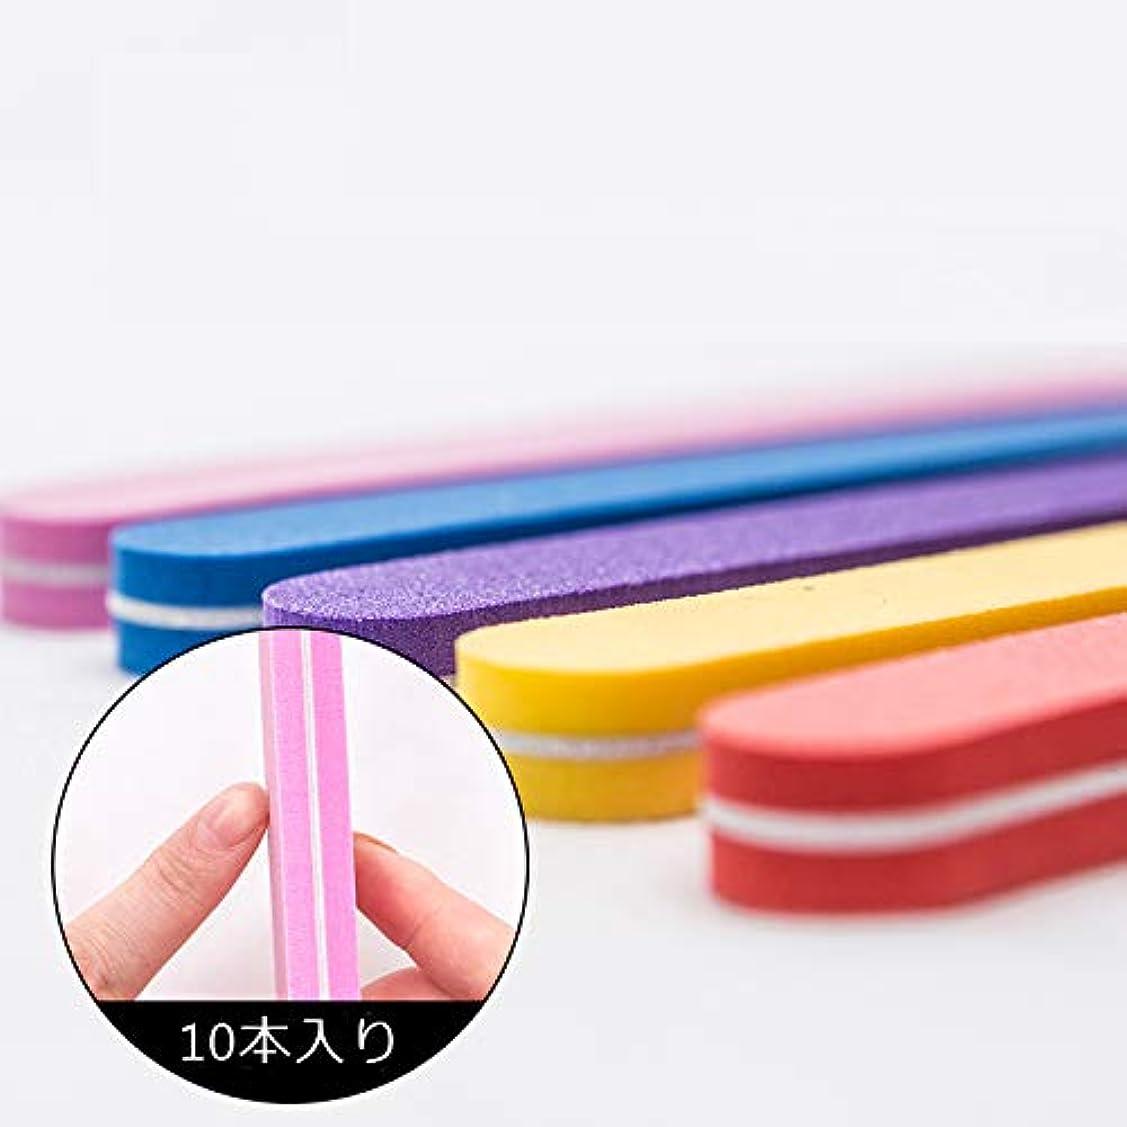 巨大な経済的ピラミッド爪やすり スポンジ 爪磨き 両面タイプ ネイルツール ネイルファイル プロ仕様 10本 5色